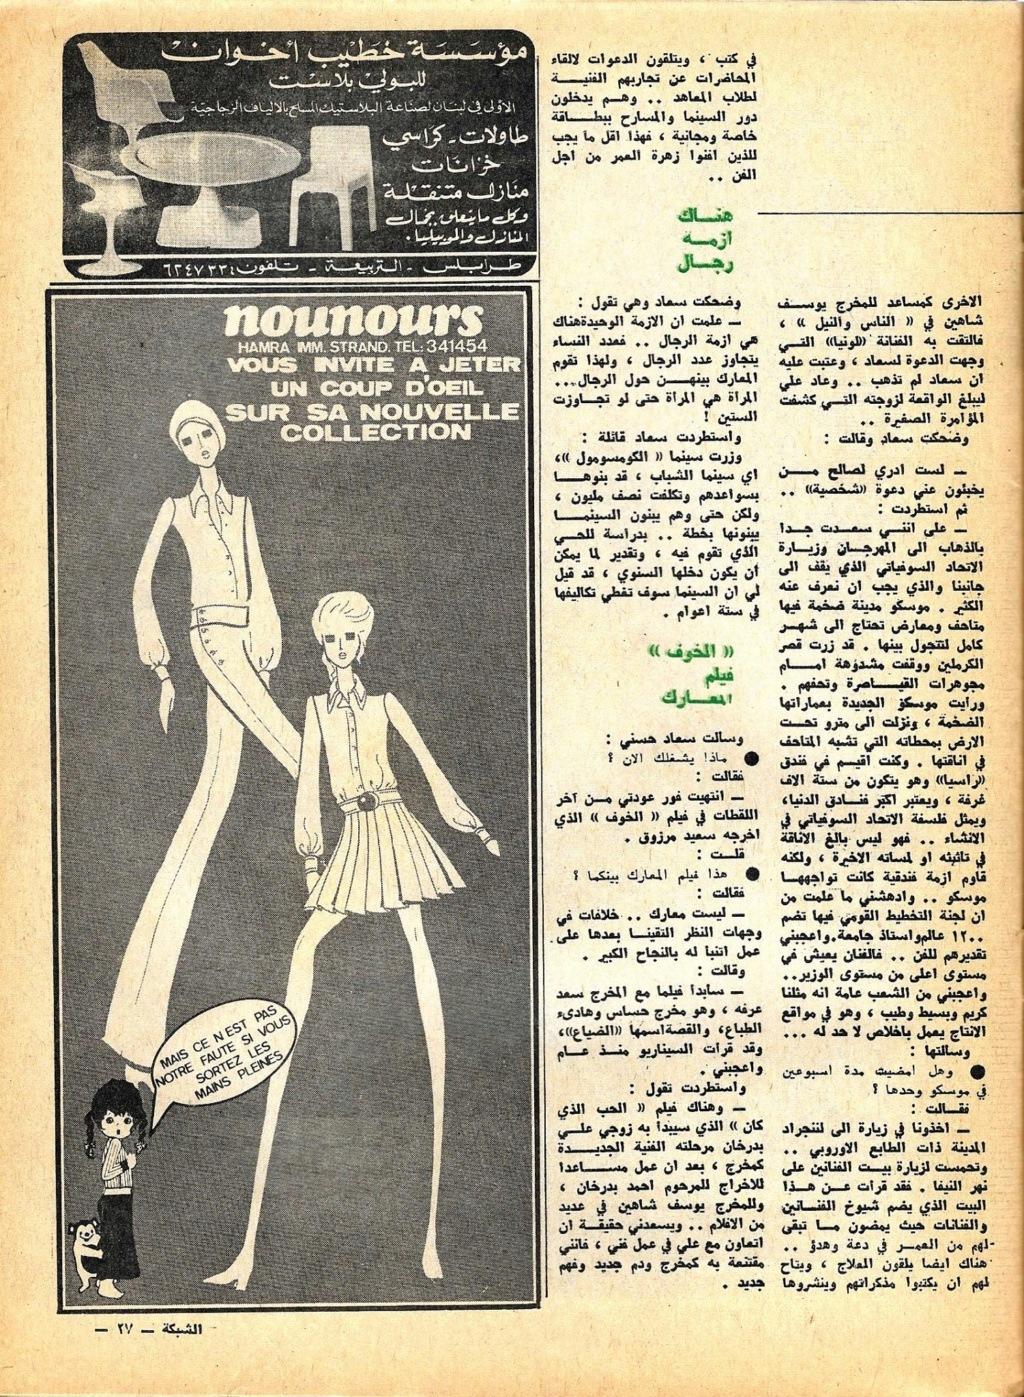 مقال صحفي : سعاد حسني العائدة من موسكو 1971 م 423